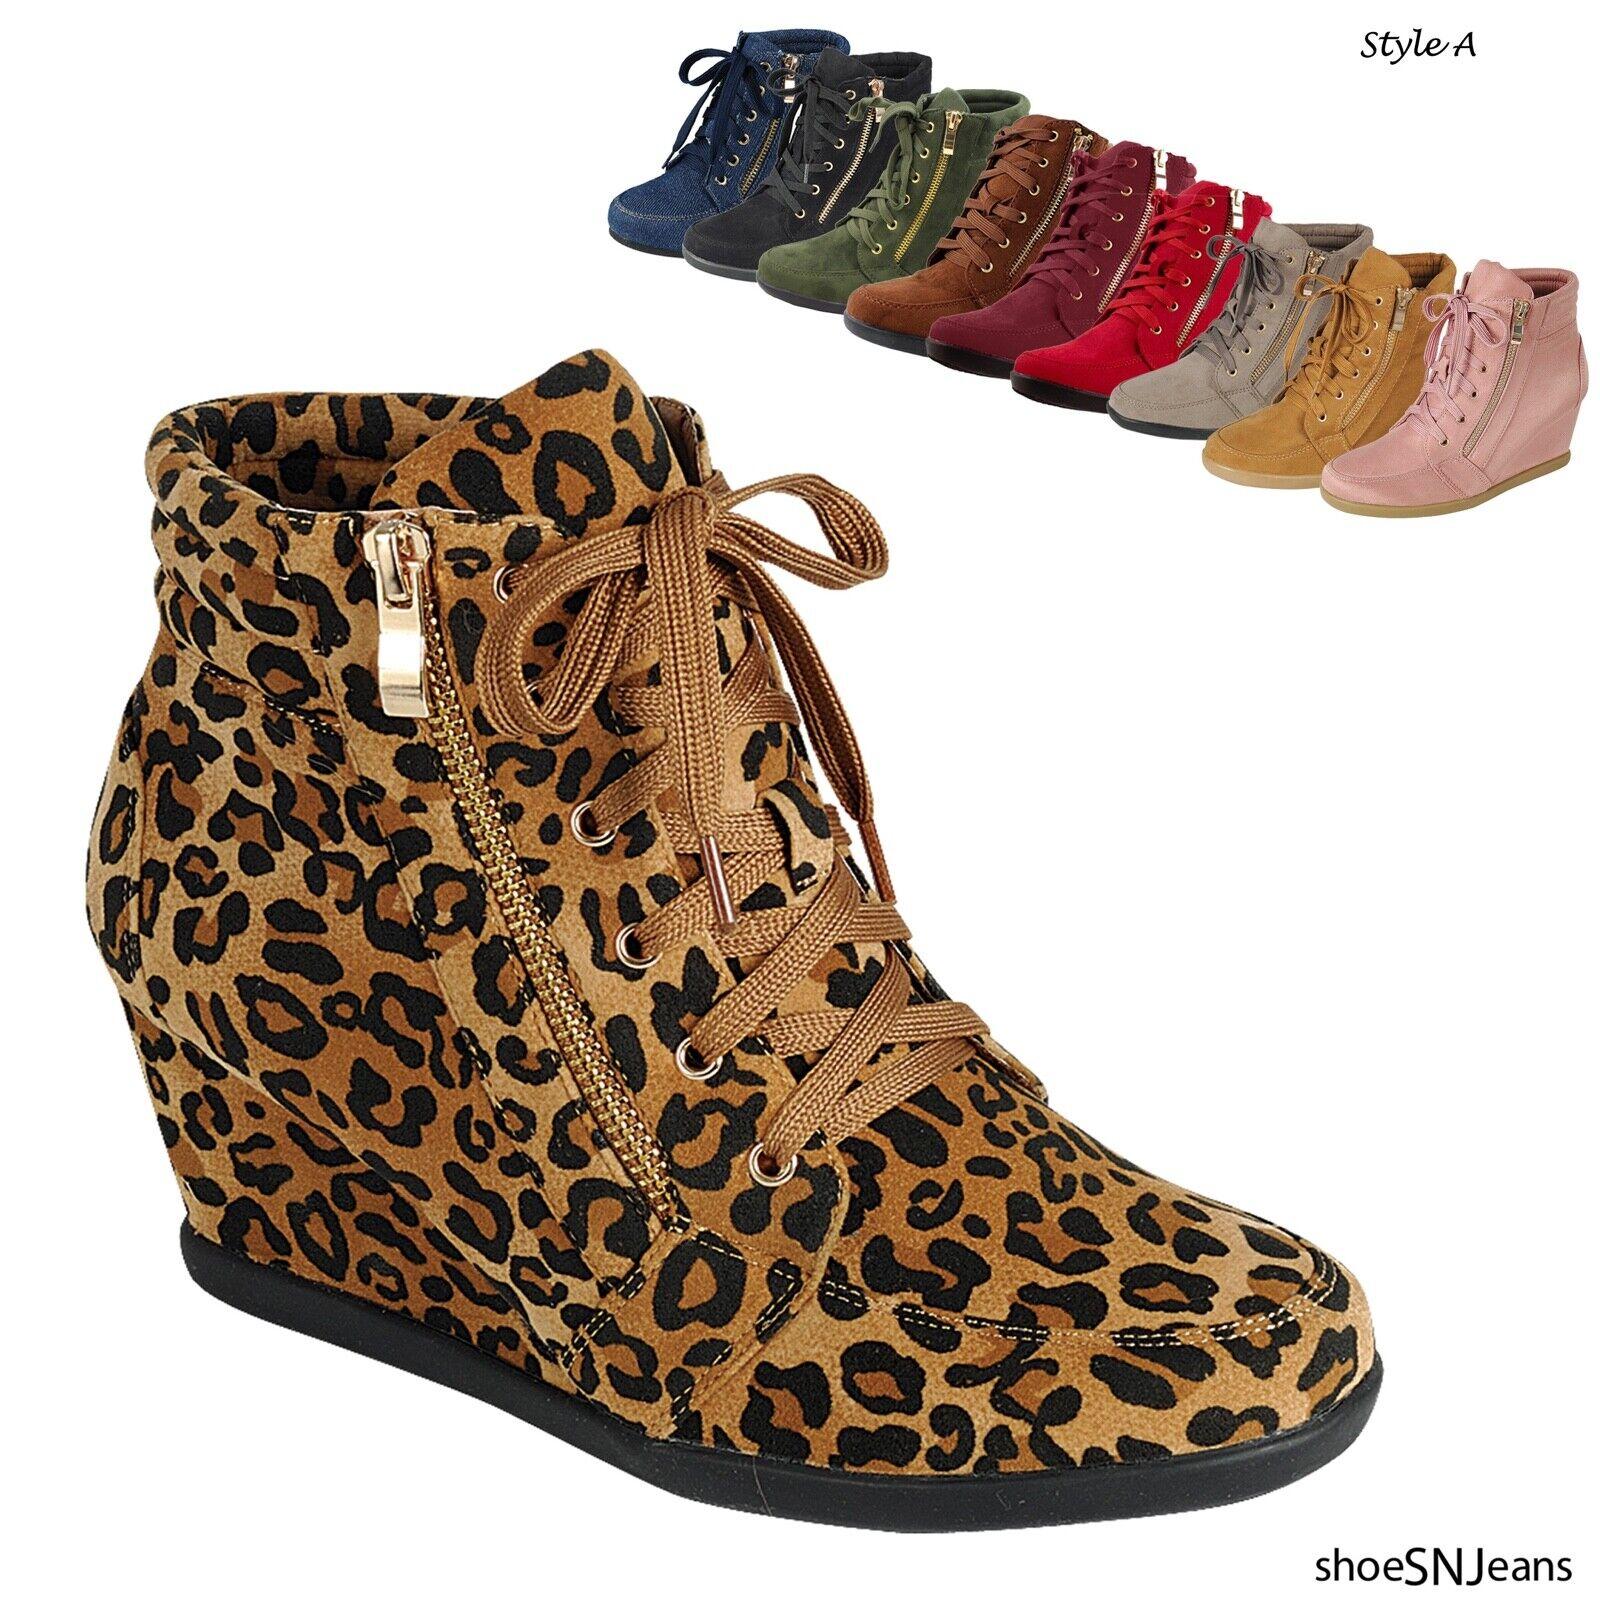 как выглядит Женская обувь на высоком каблуке Women High Top Wedge Heel Sneakers Platform Lace Up Tennis Shoes Ankle Booties фото